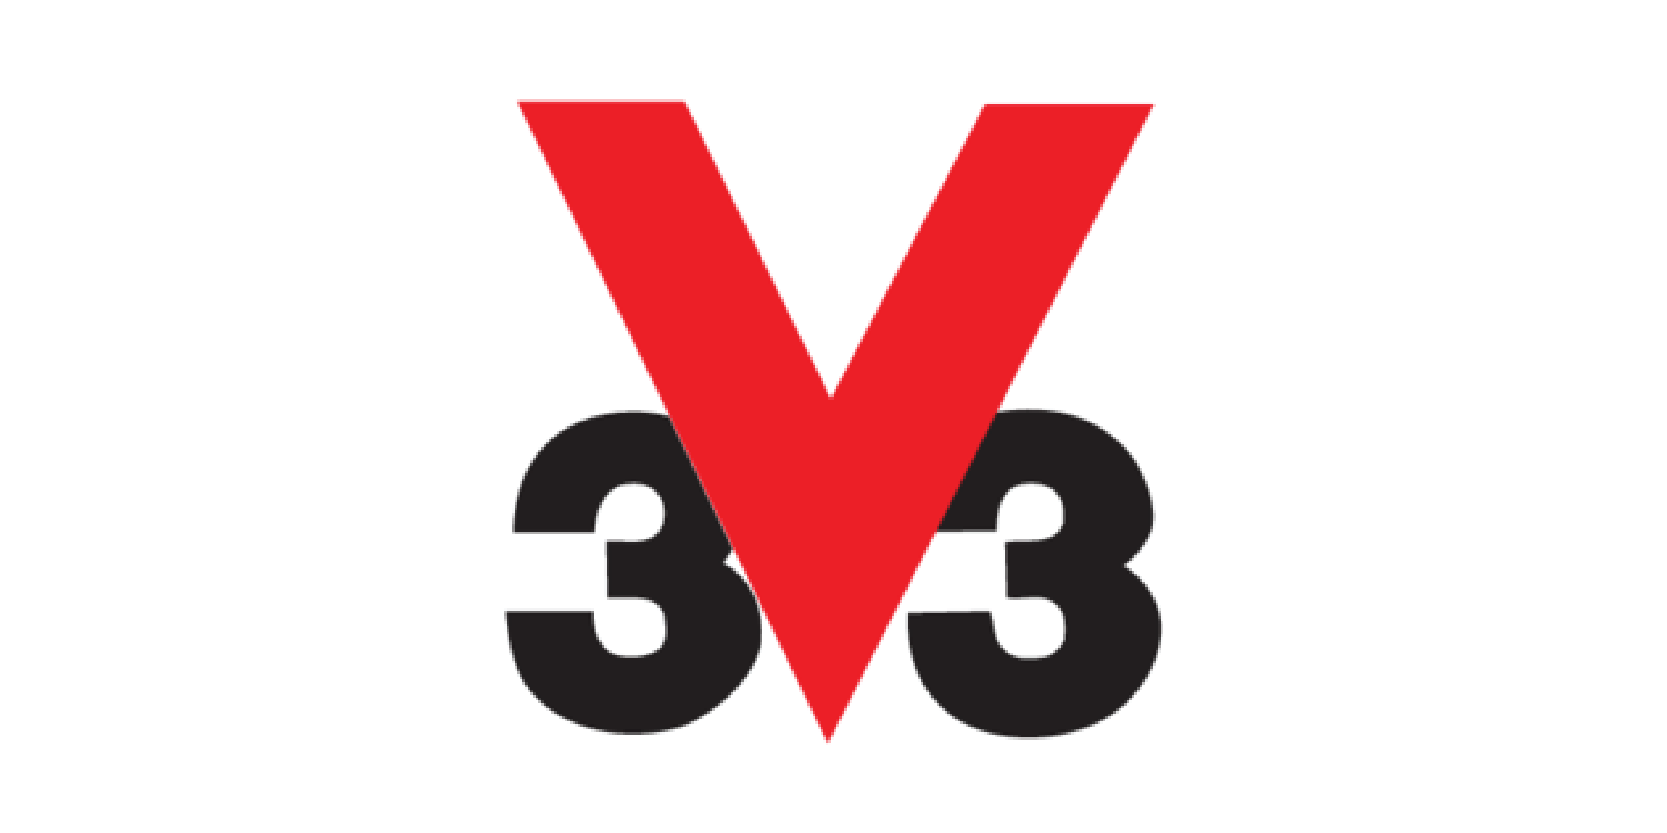 v33 logo